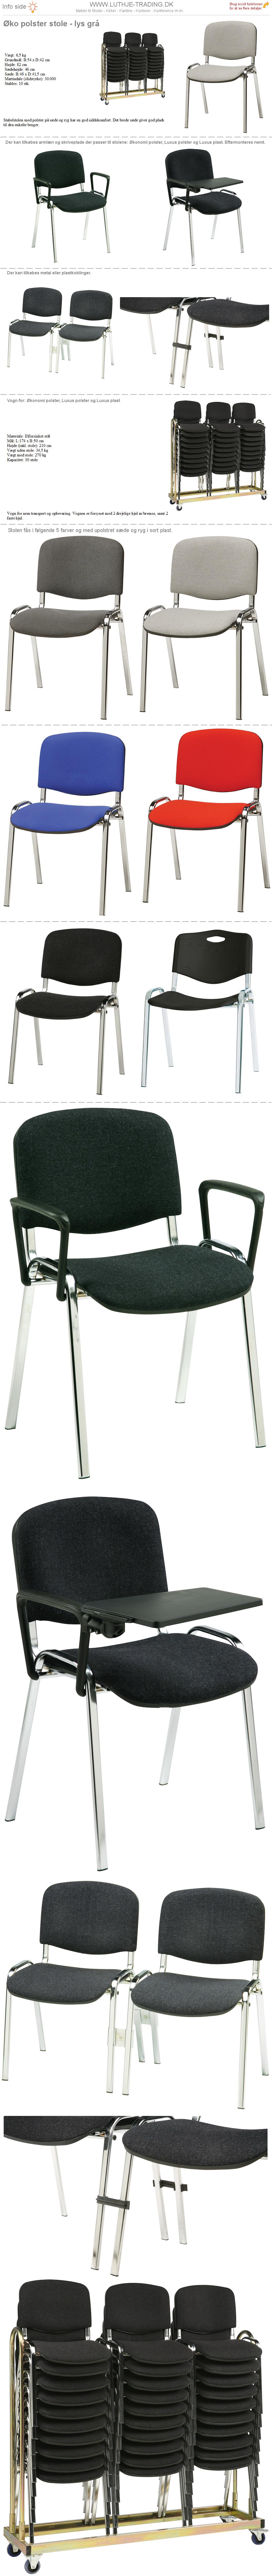 Stabelstole Øko polster med lysegrå stof